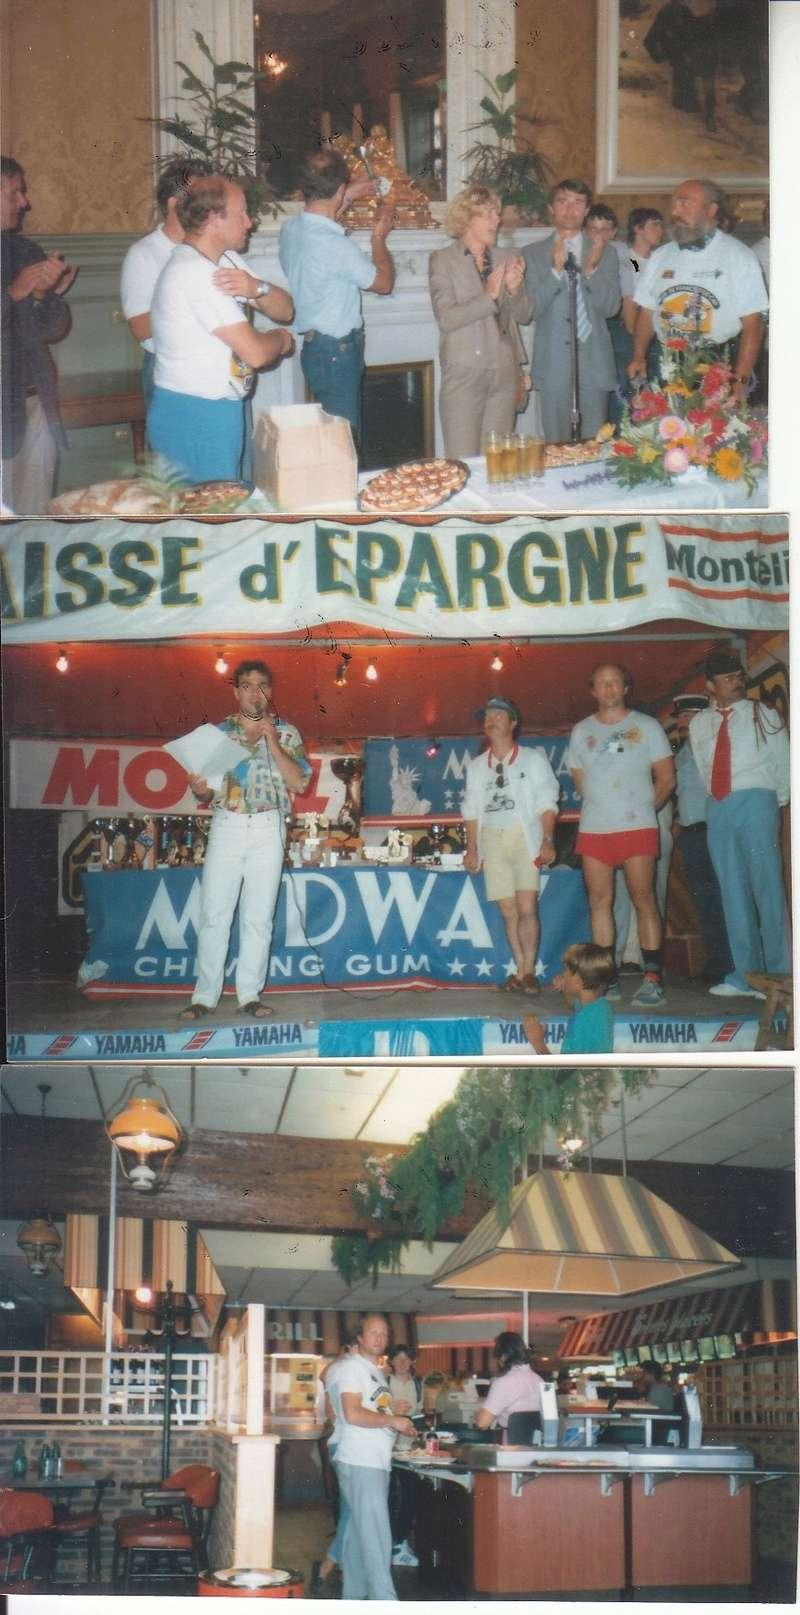 [Oldies] 1980 à 1988: Le Tour de France side-car, par Joël Enndewell  - Page 17 Sans_t59